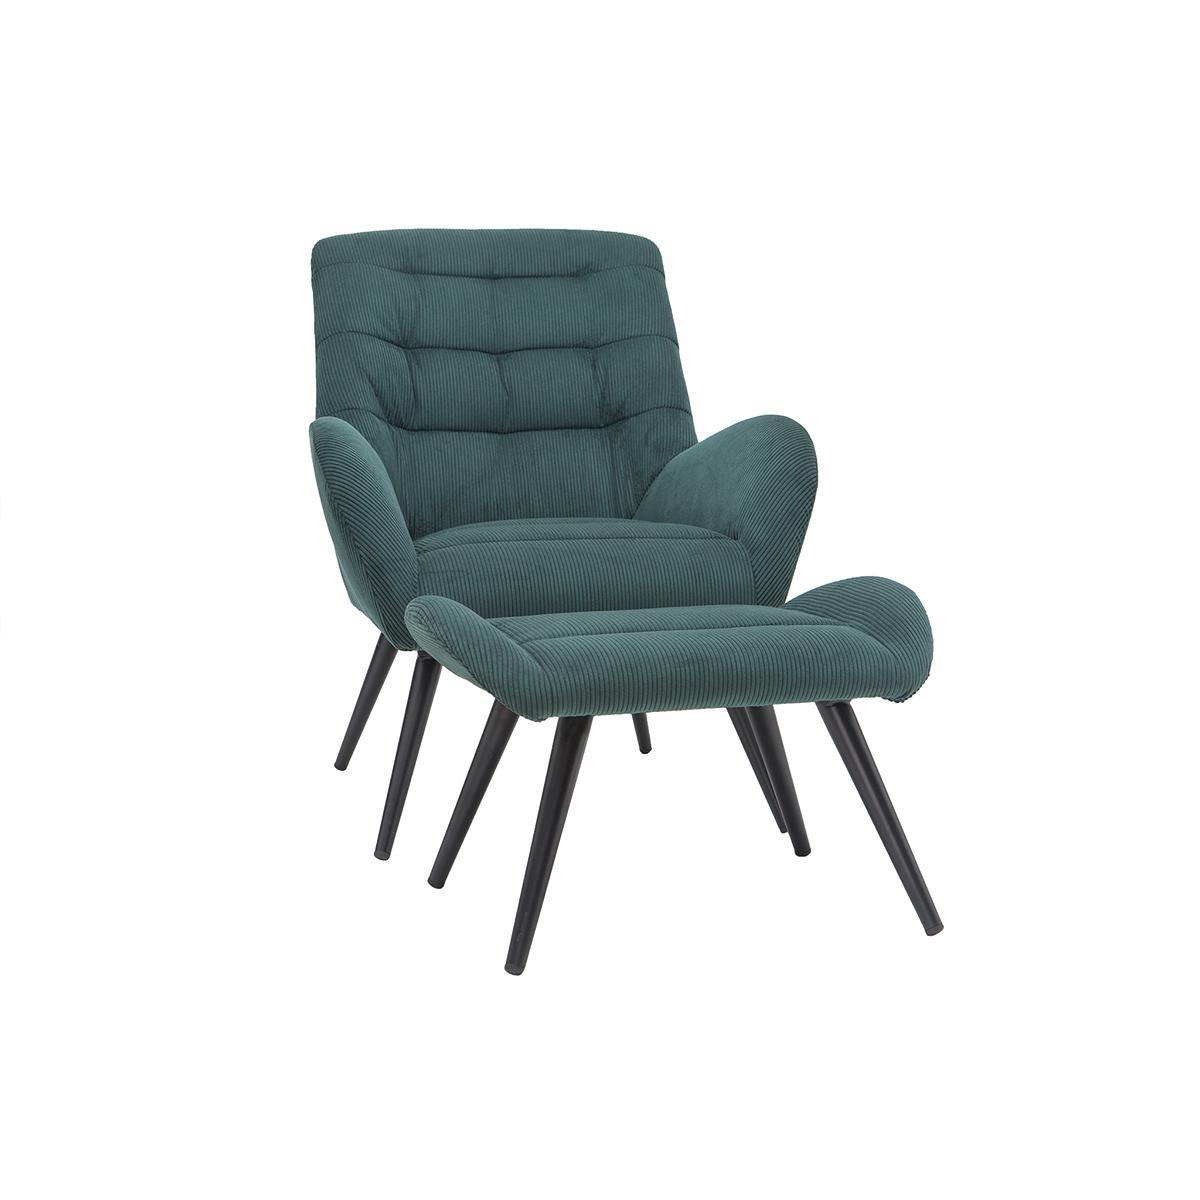 Miliboo Fauteuil et repose-pieds design en velours côtelé vert ZOE